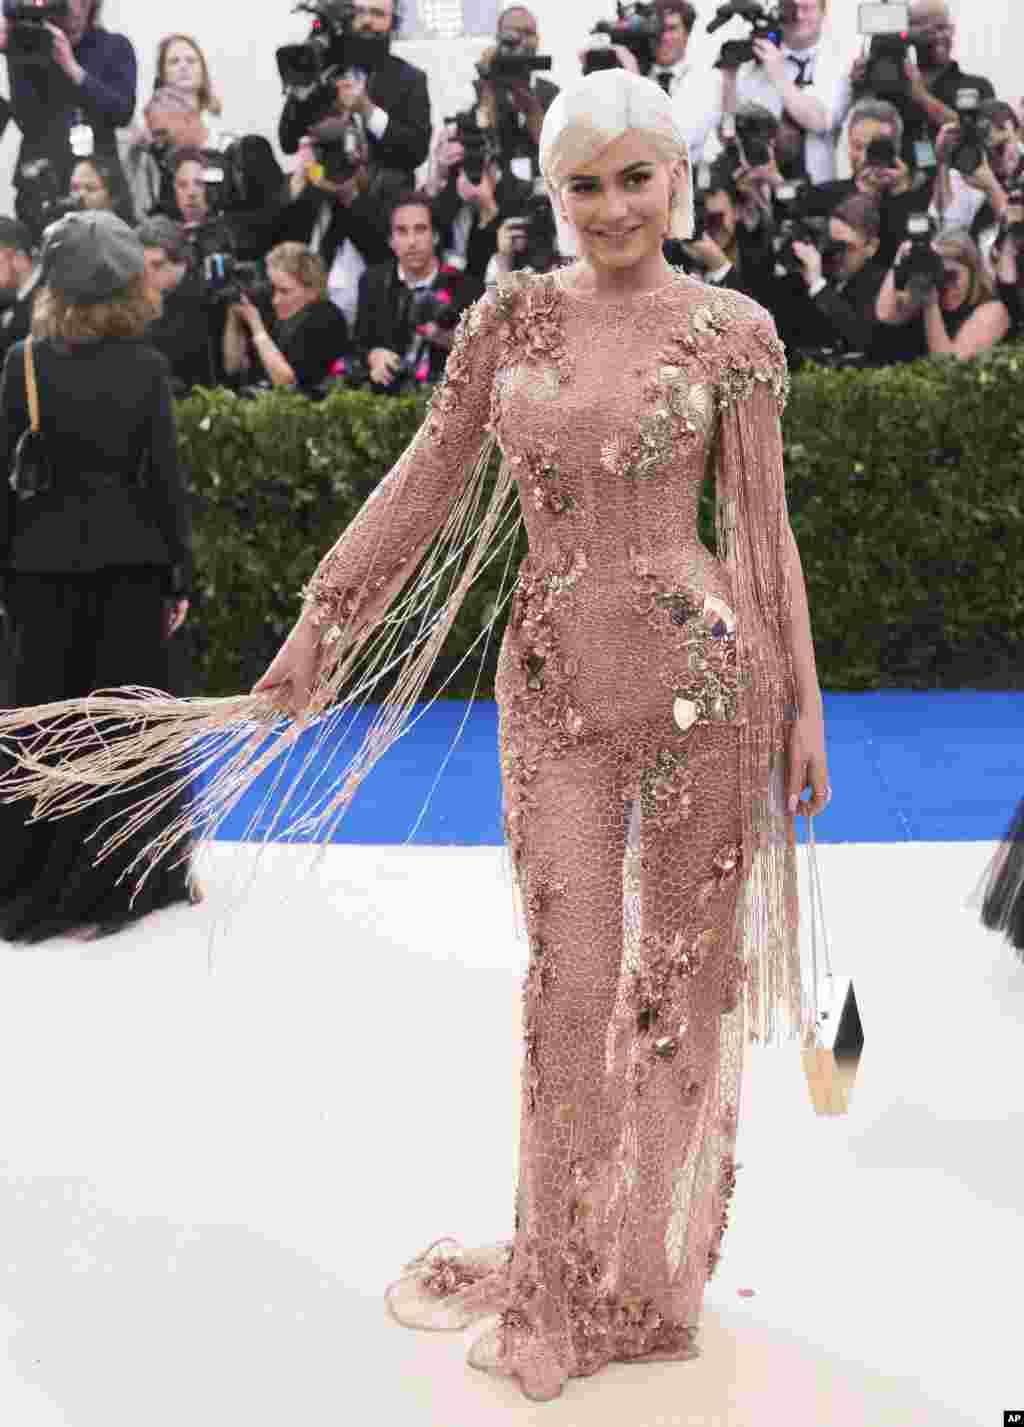 کایلی جنر در مت گالا ۲۰۱۷، مراسم مد و لباس به نفع موزه متروپولیتن در نیویورک